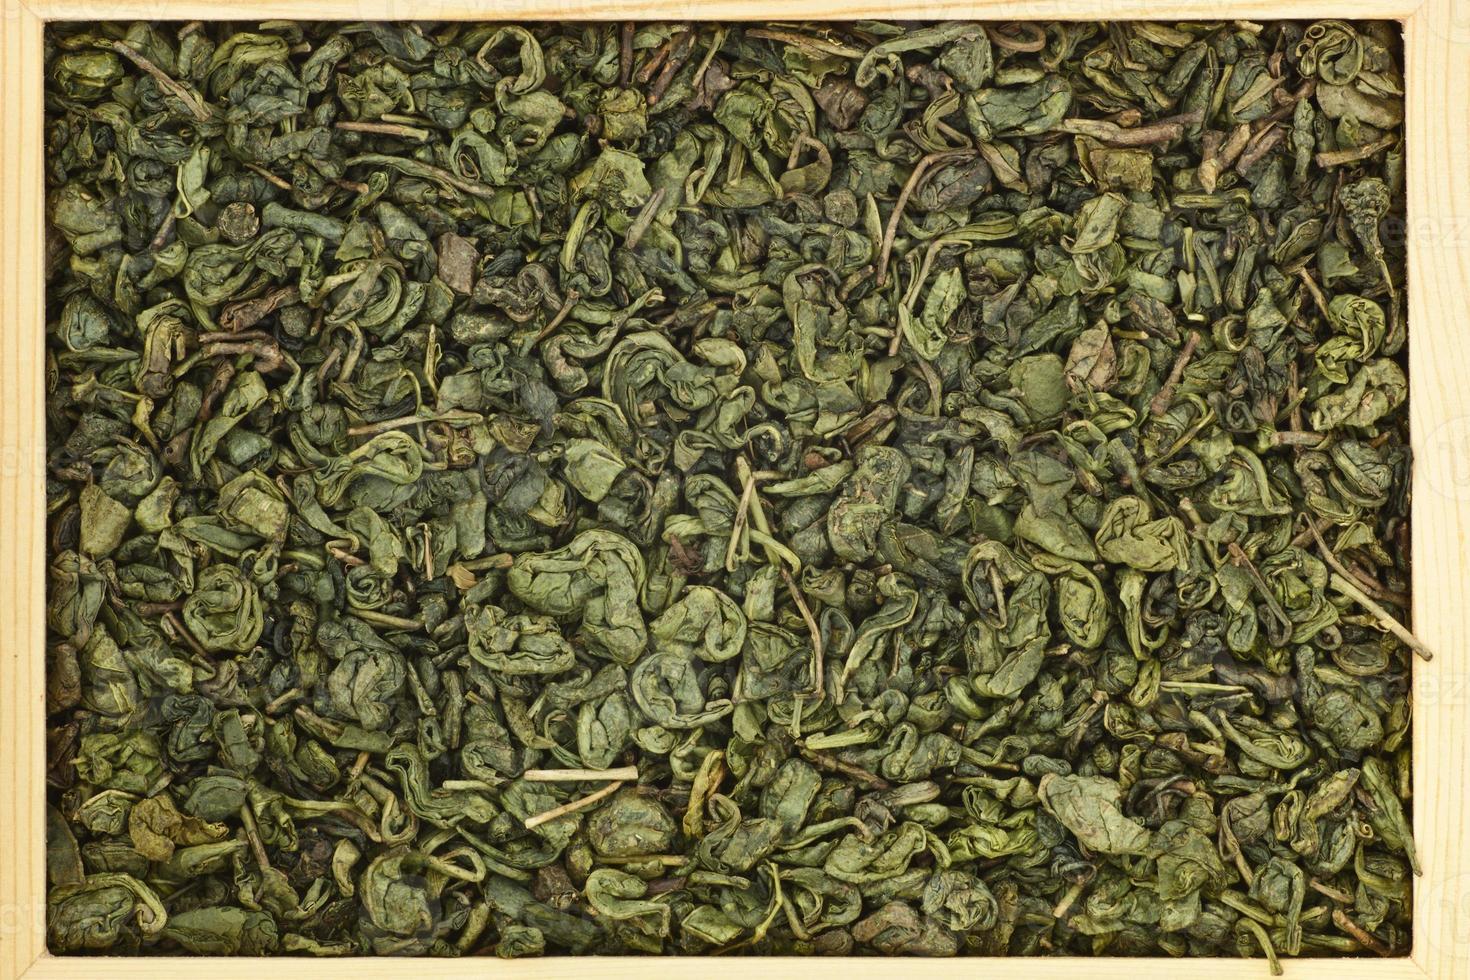 kinesiskt grönt te foto